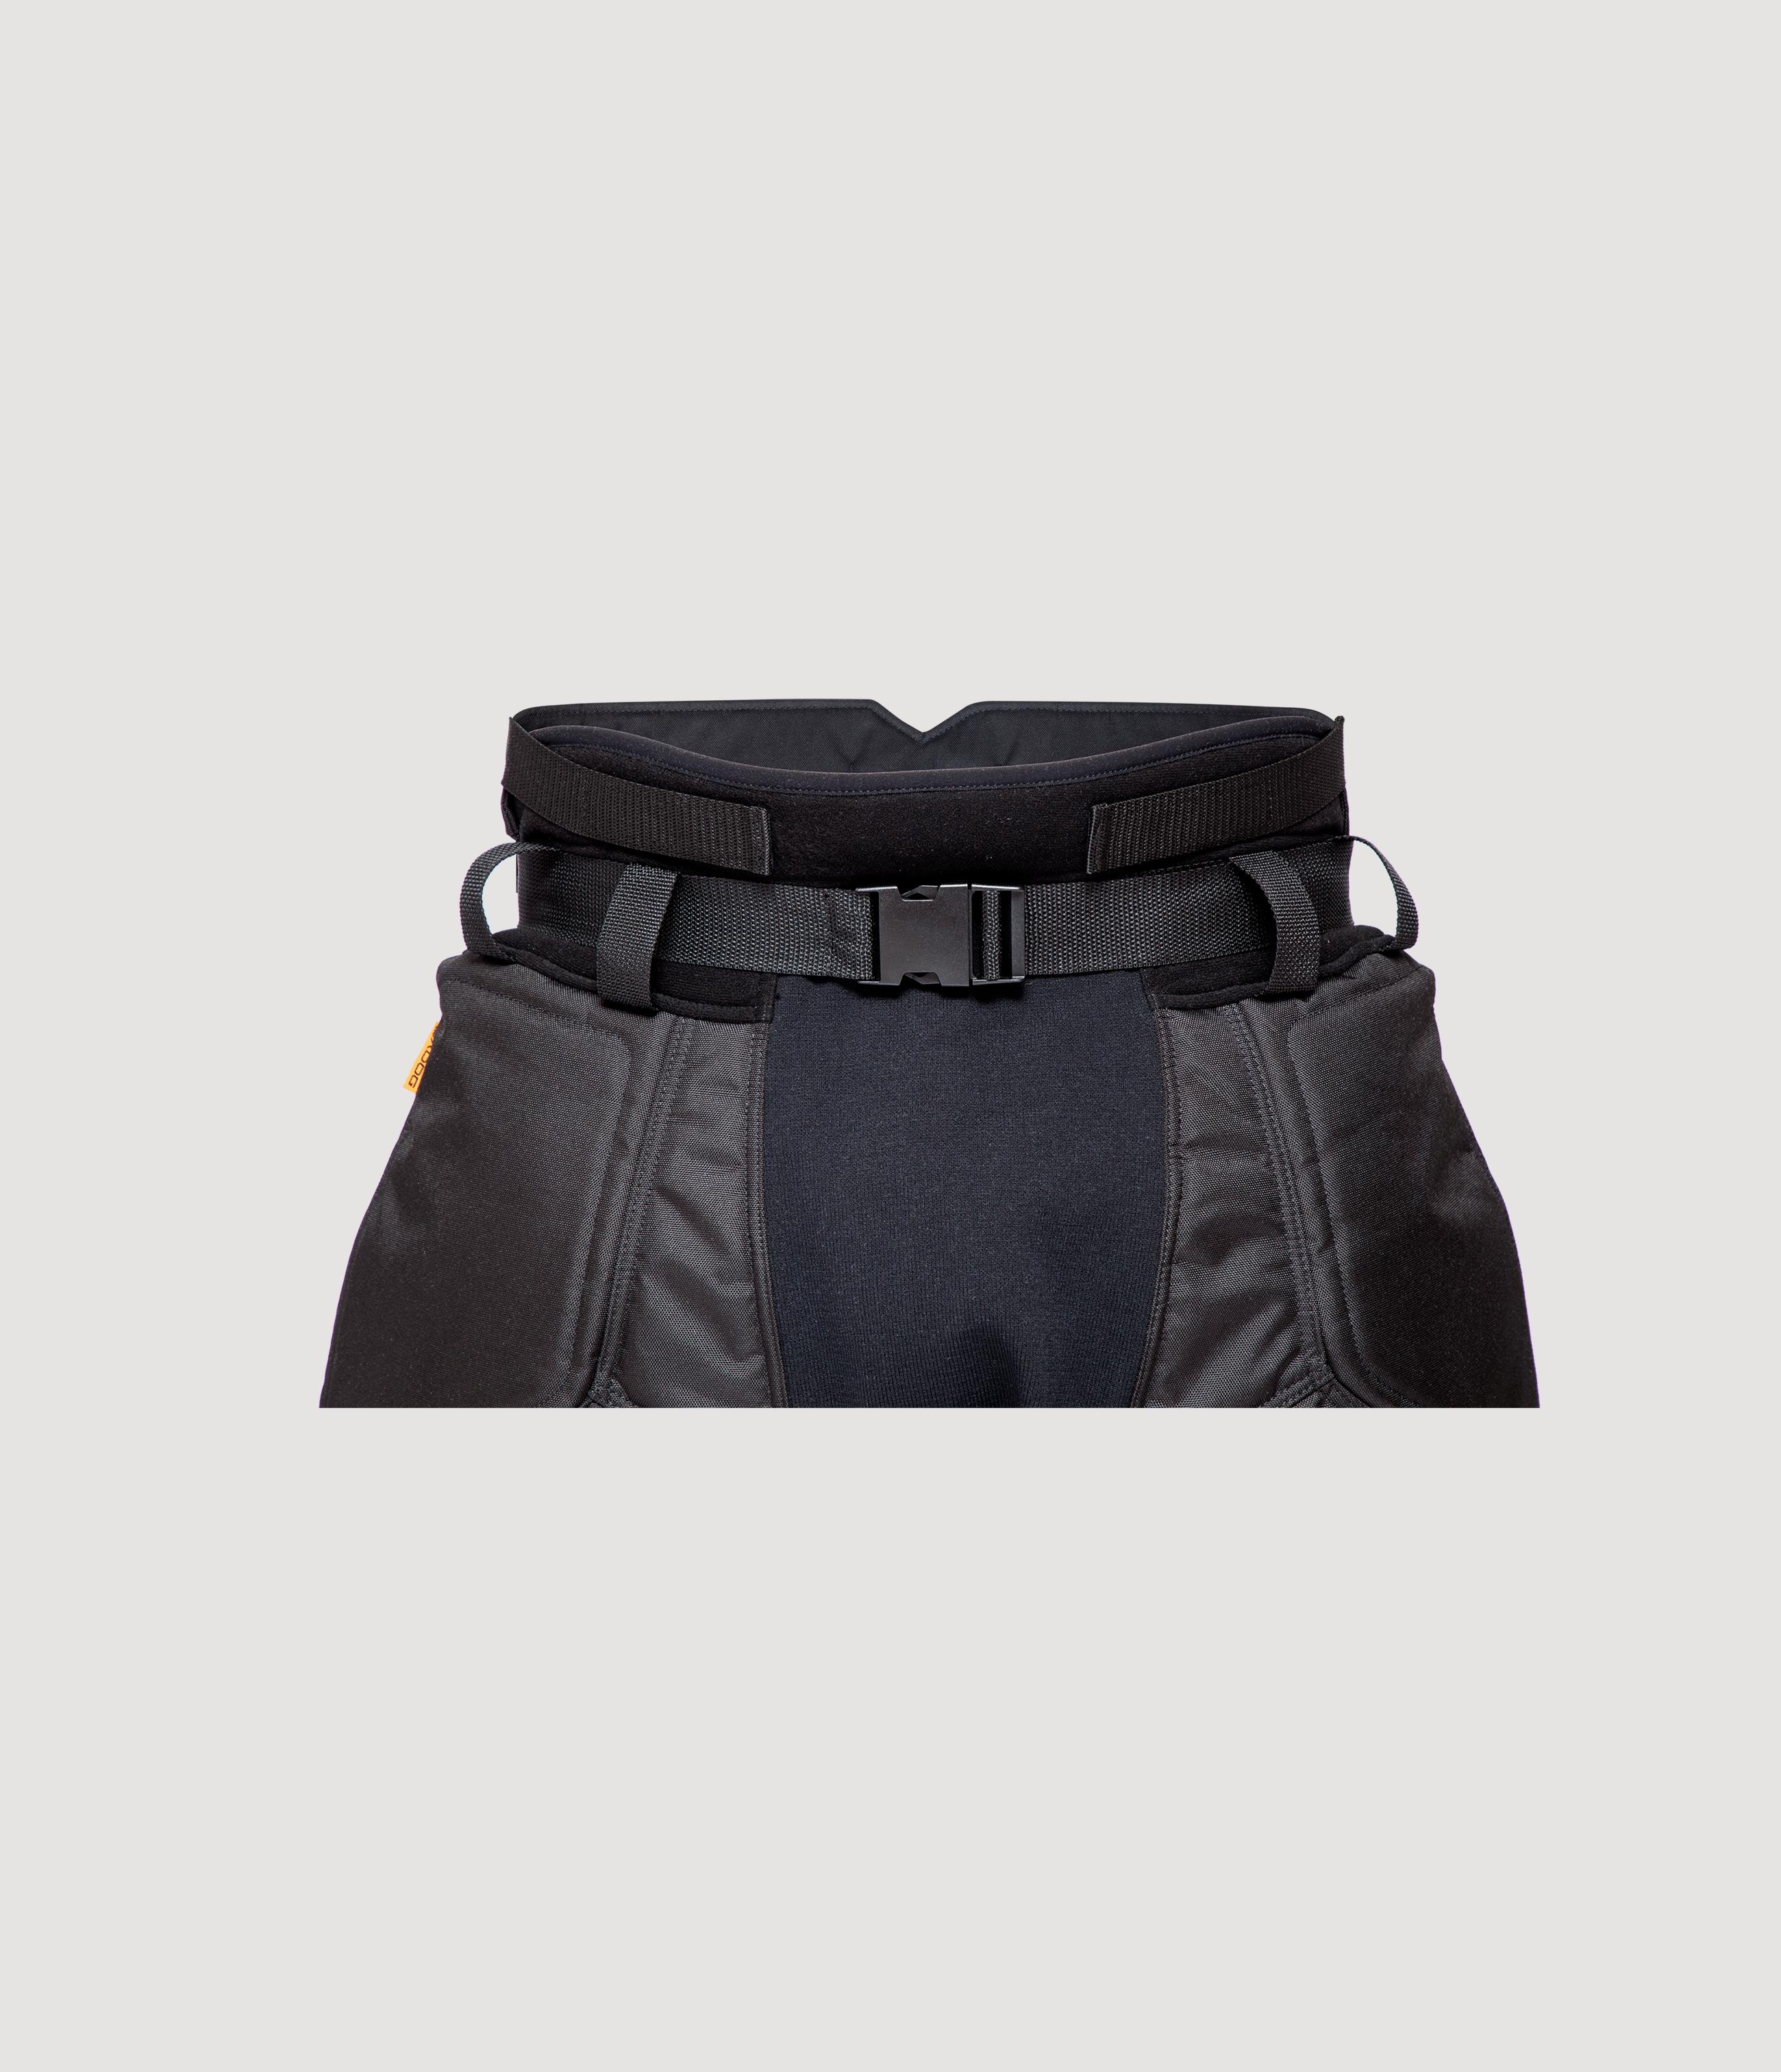 XGuard Goalie Pants Closeup